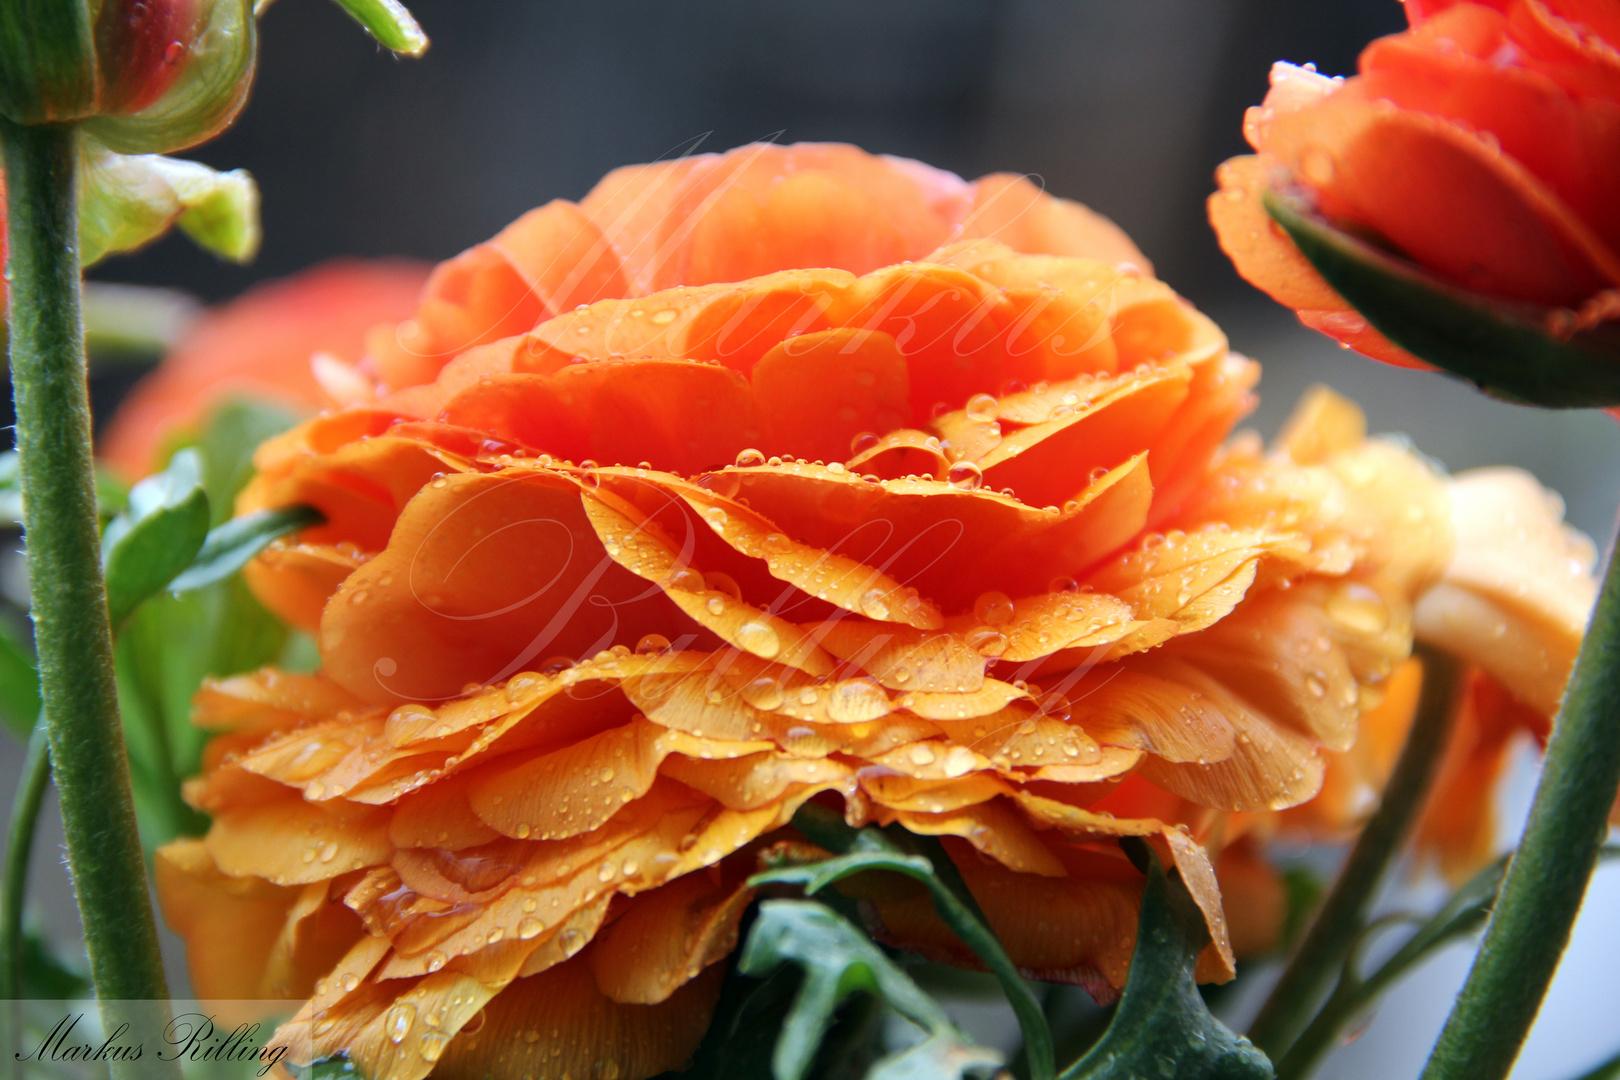 Blume mit Regentropfen